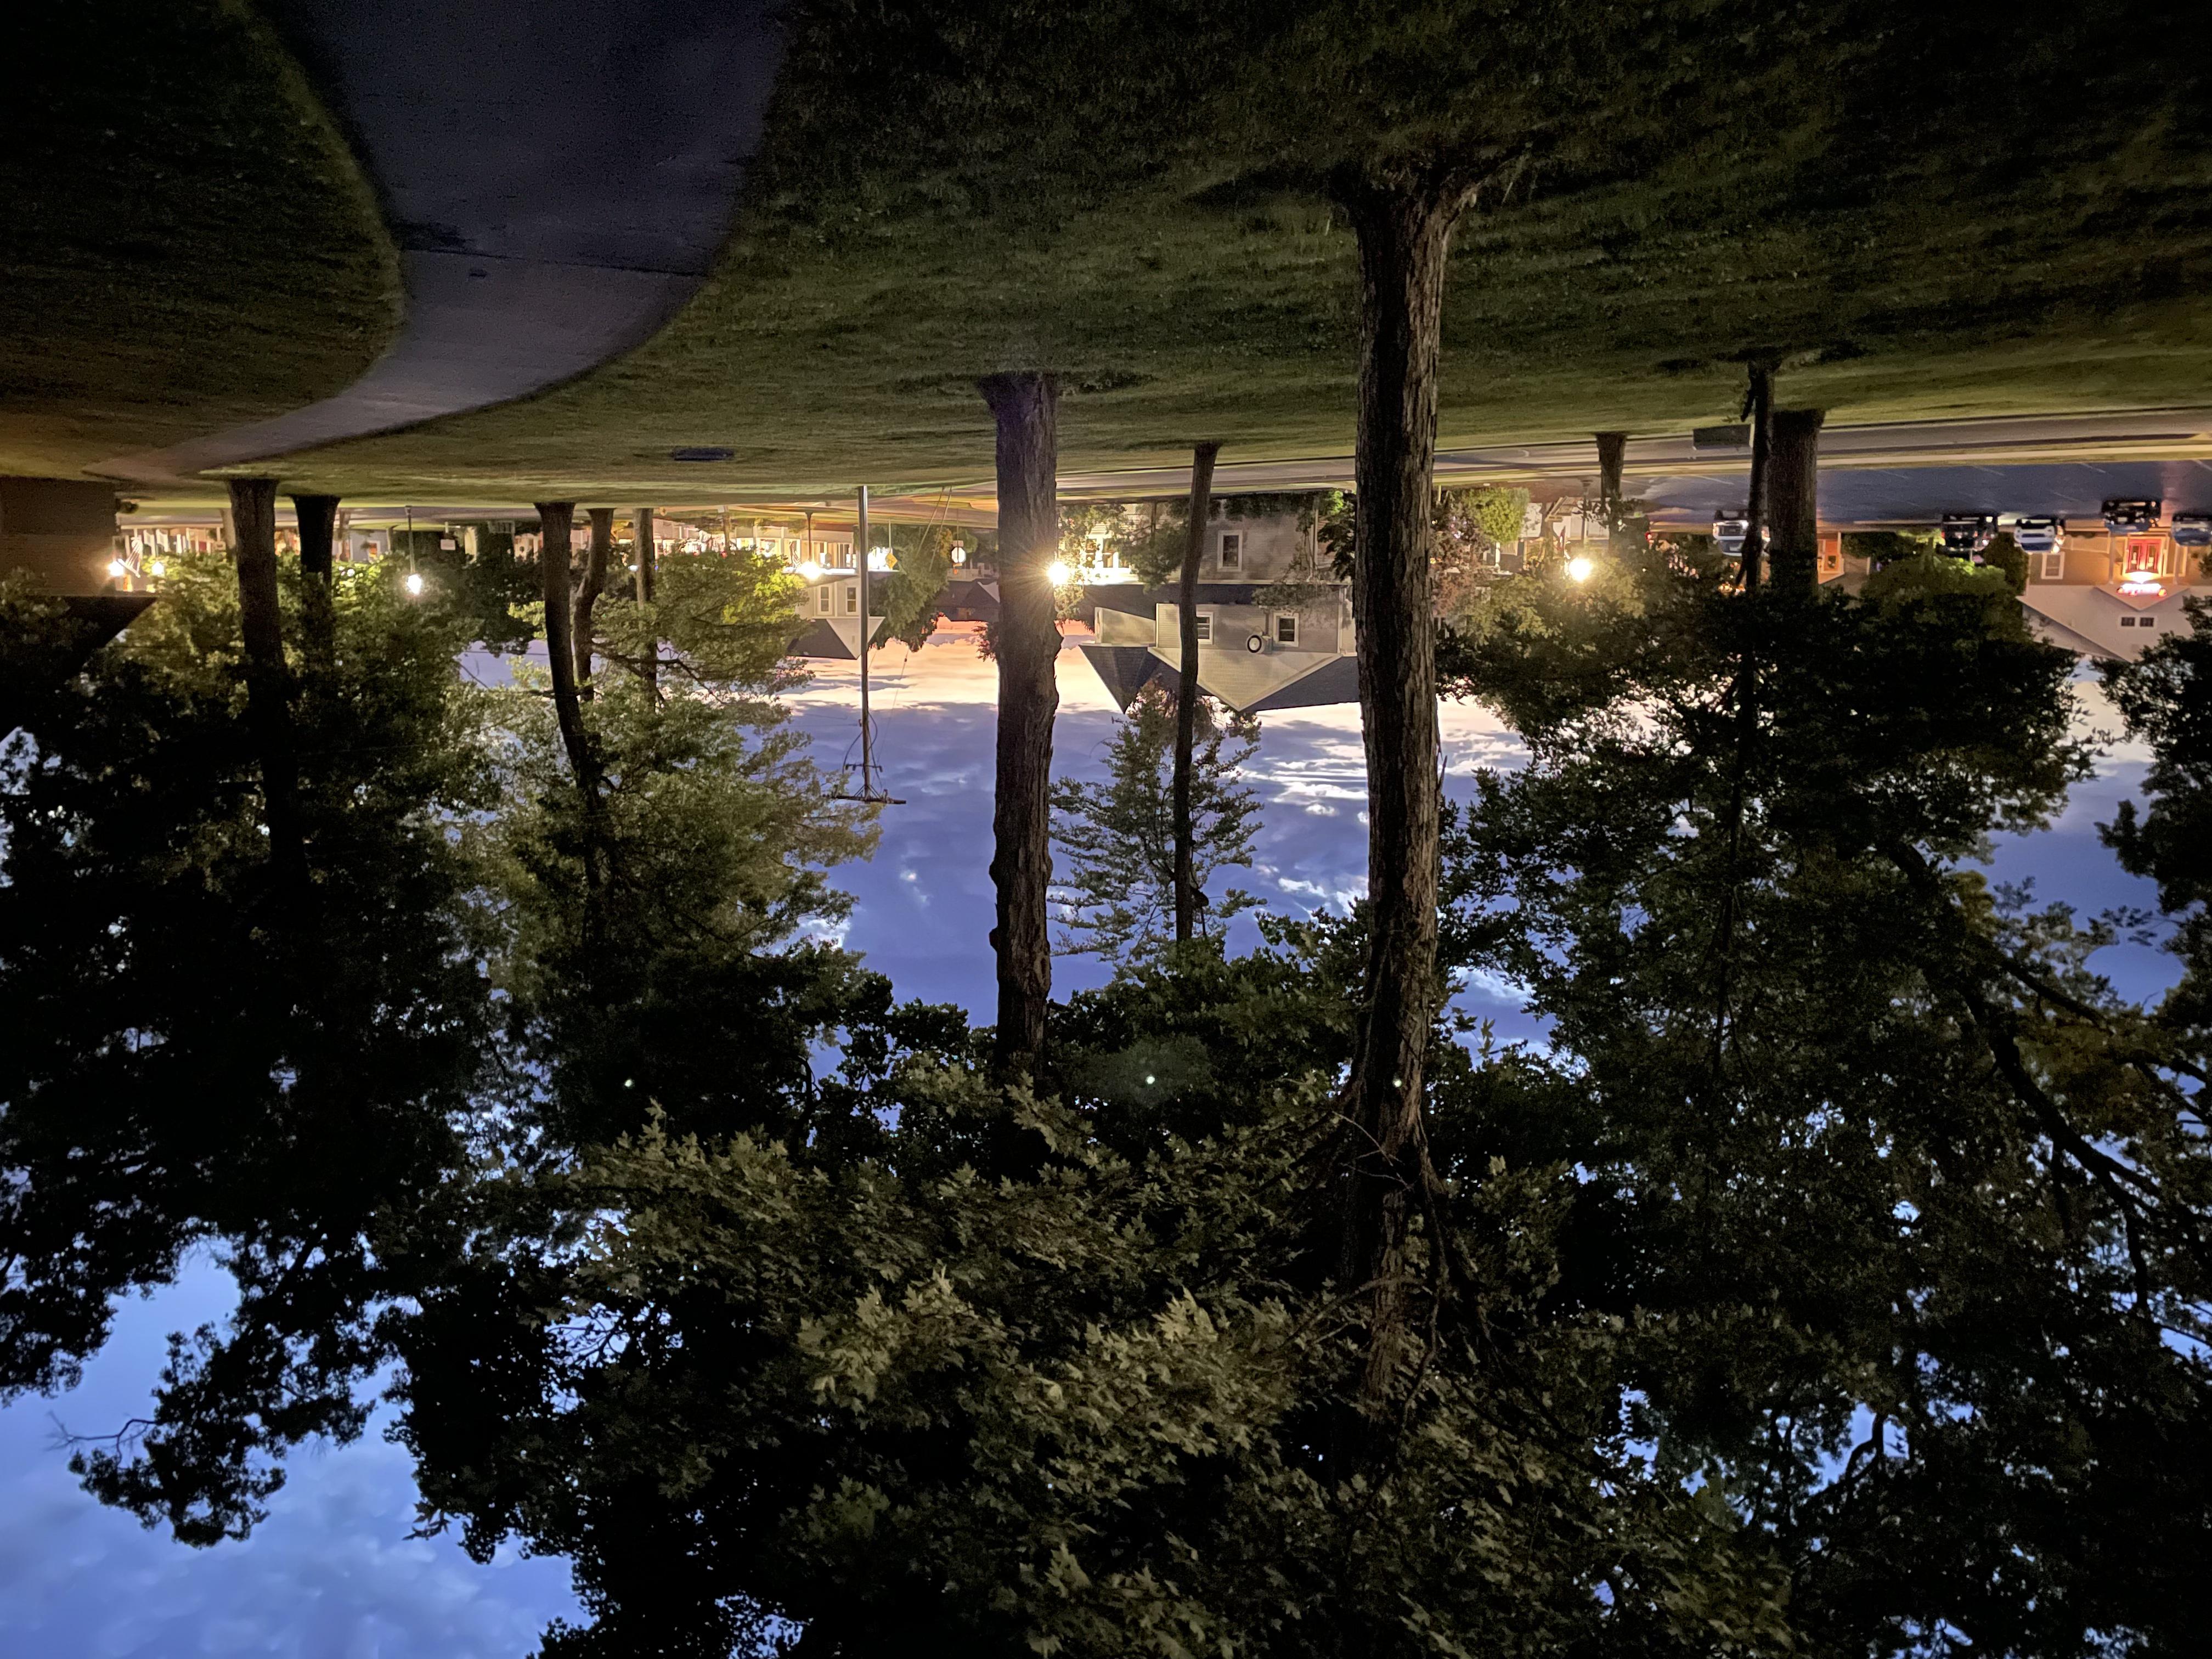 Light Rail Café & Roaster, seen through the trees across Park Avenue